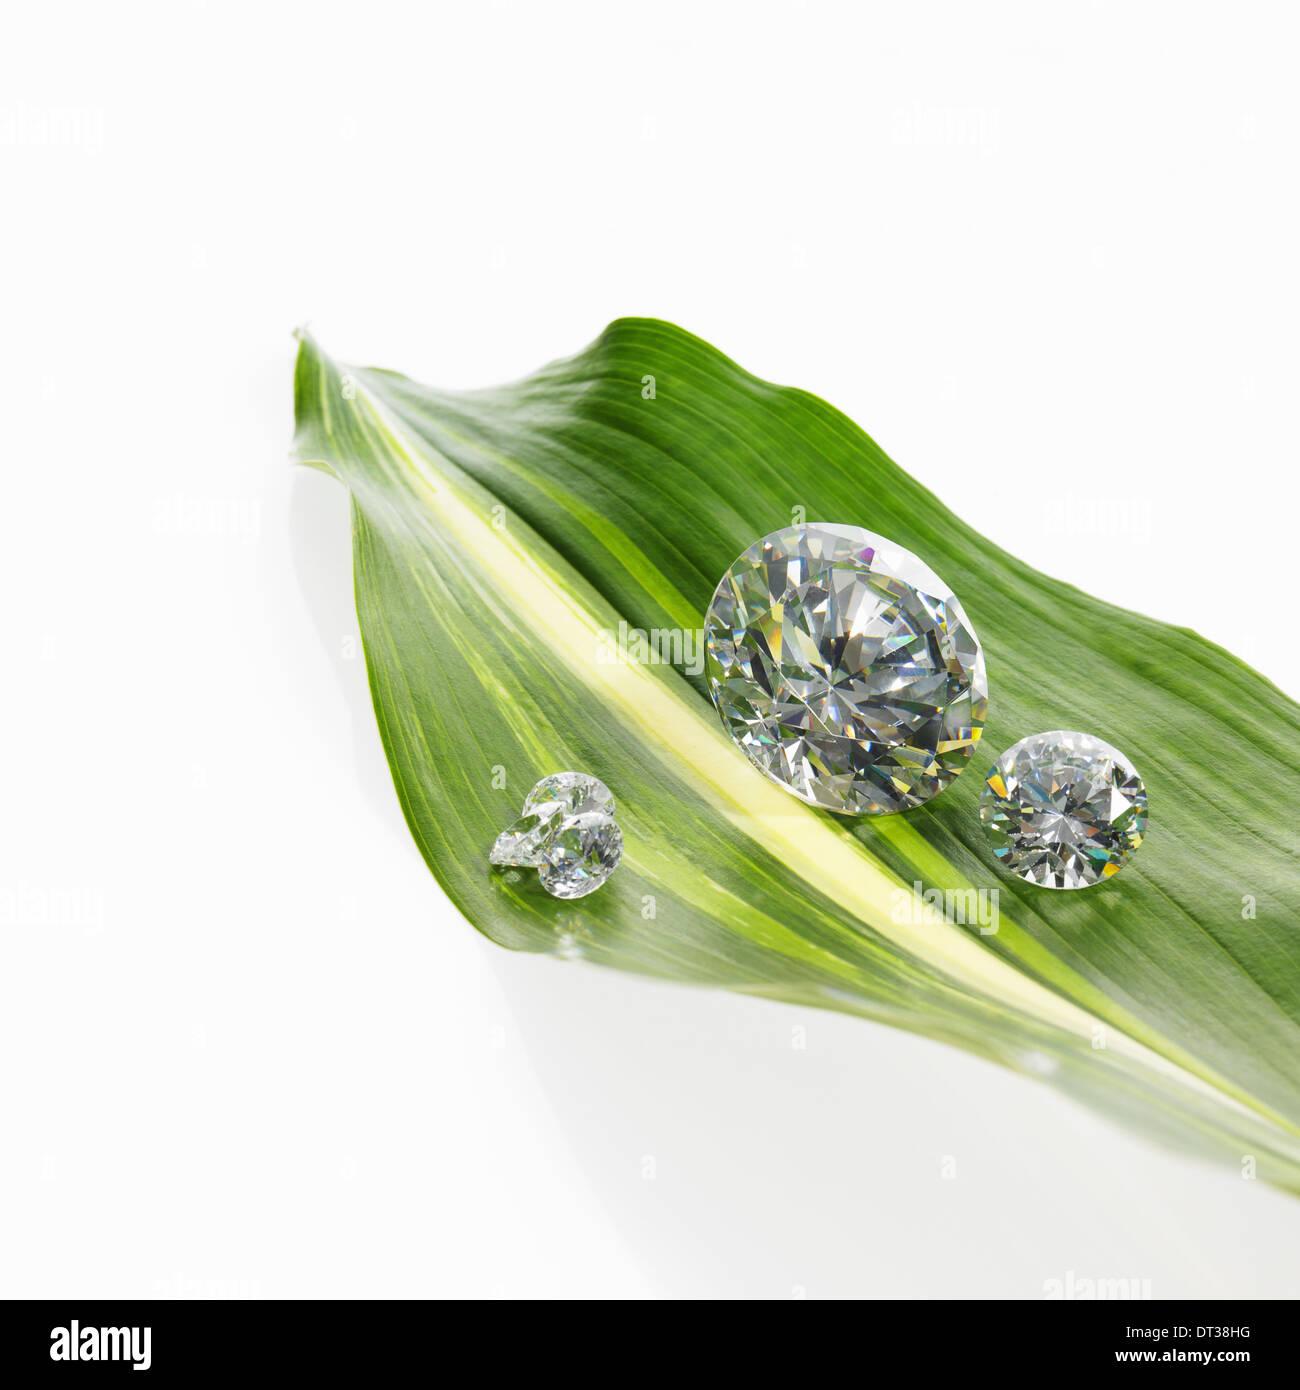 Une feuille avec une bande marquage avec petit verre objets réfléchissants, ou les gemmes, gem cut pétillante. Banque D'Images